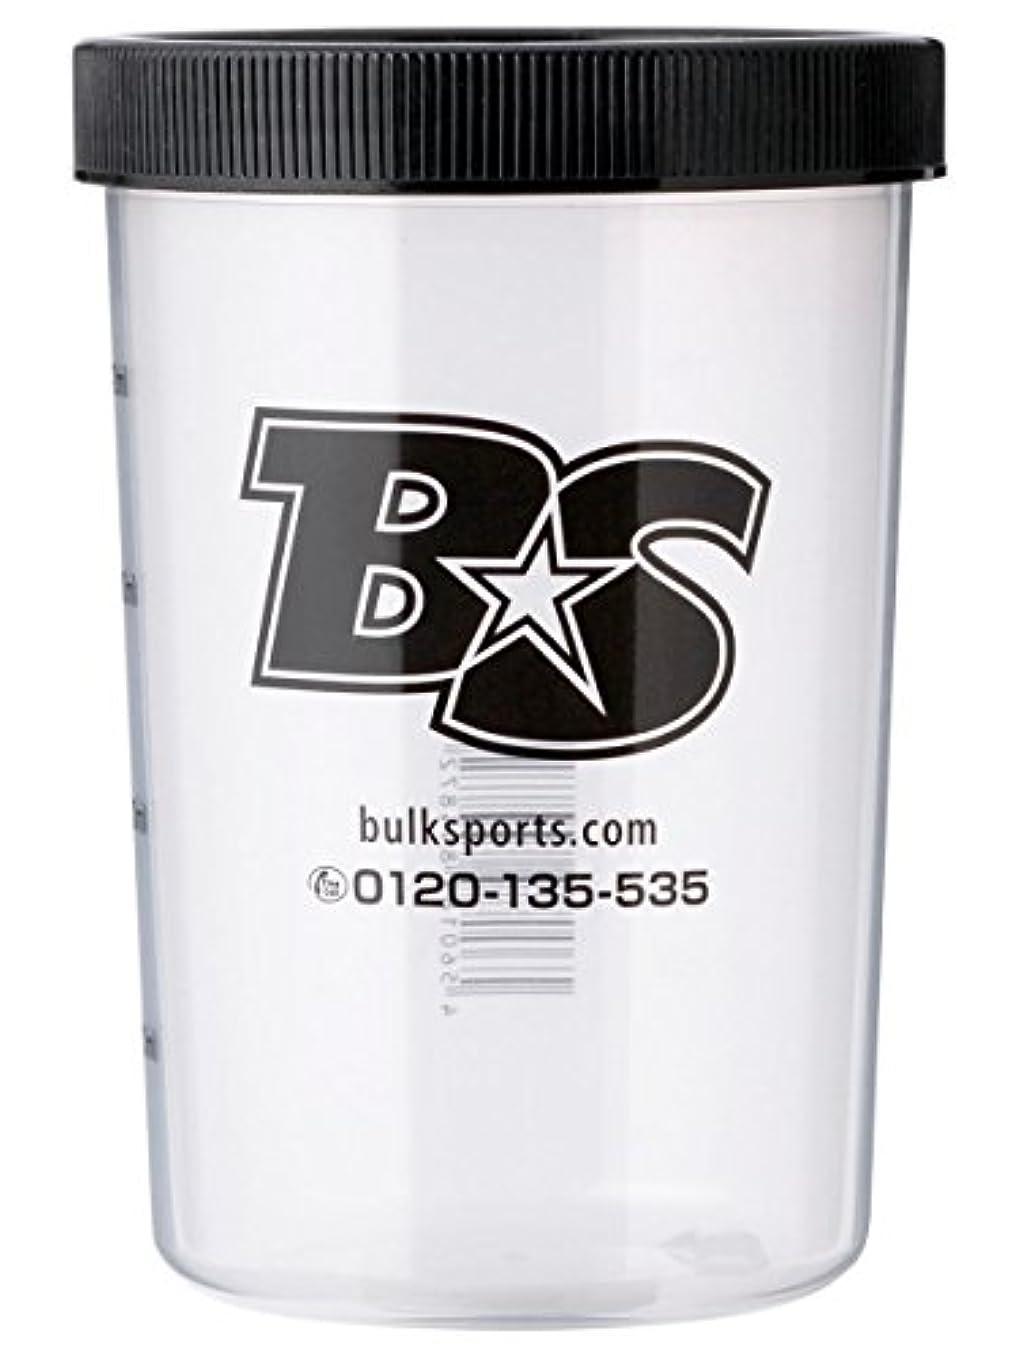 参照するギネス顧問バルクスポーツ プロテインシェイカー BS STAR ロゴ入りシェイカーカップ(500ml)【日本製】